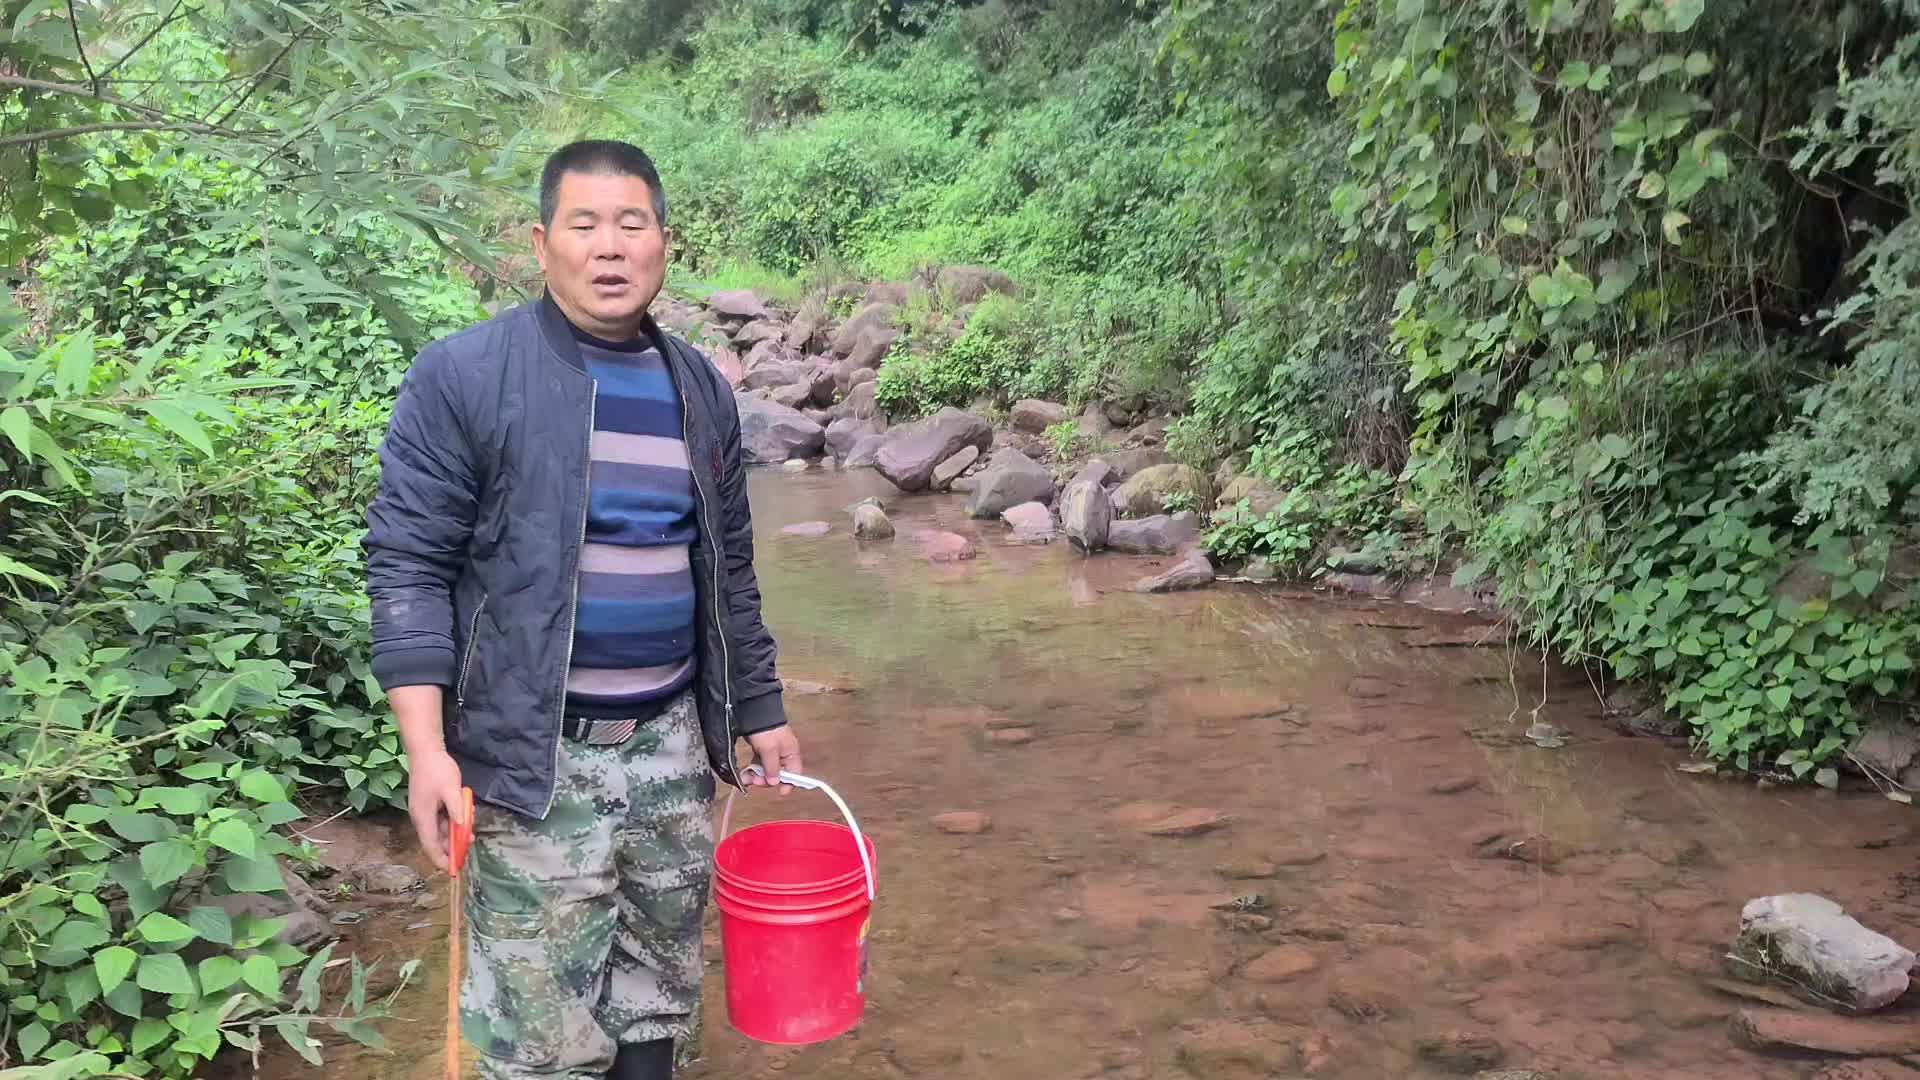 大叔在小溪抓水蜈蚣, 感觉石头下面不对劲, 搬开一看高兴坏了